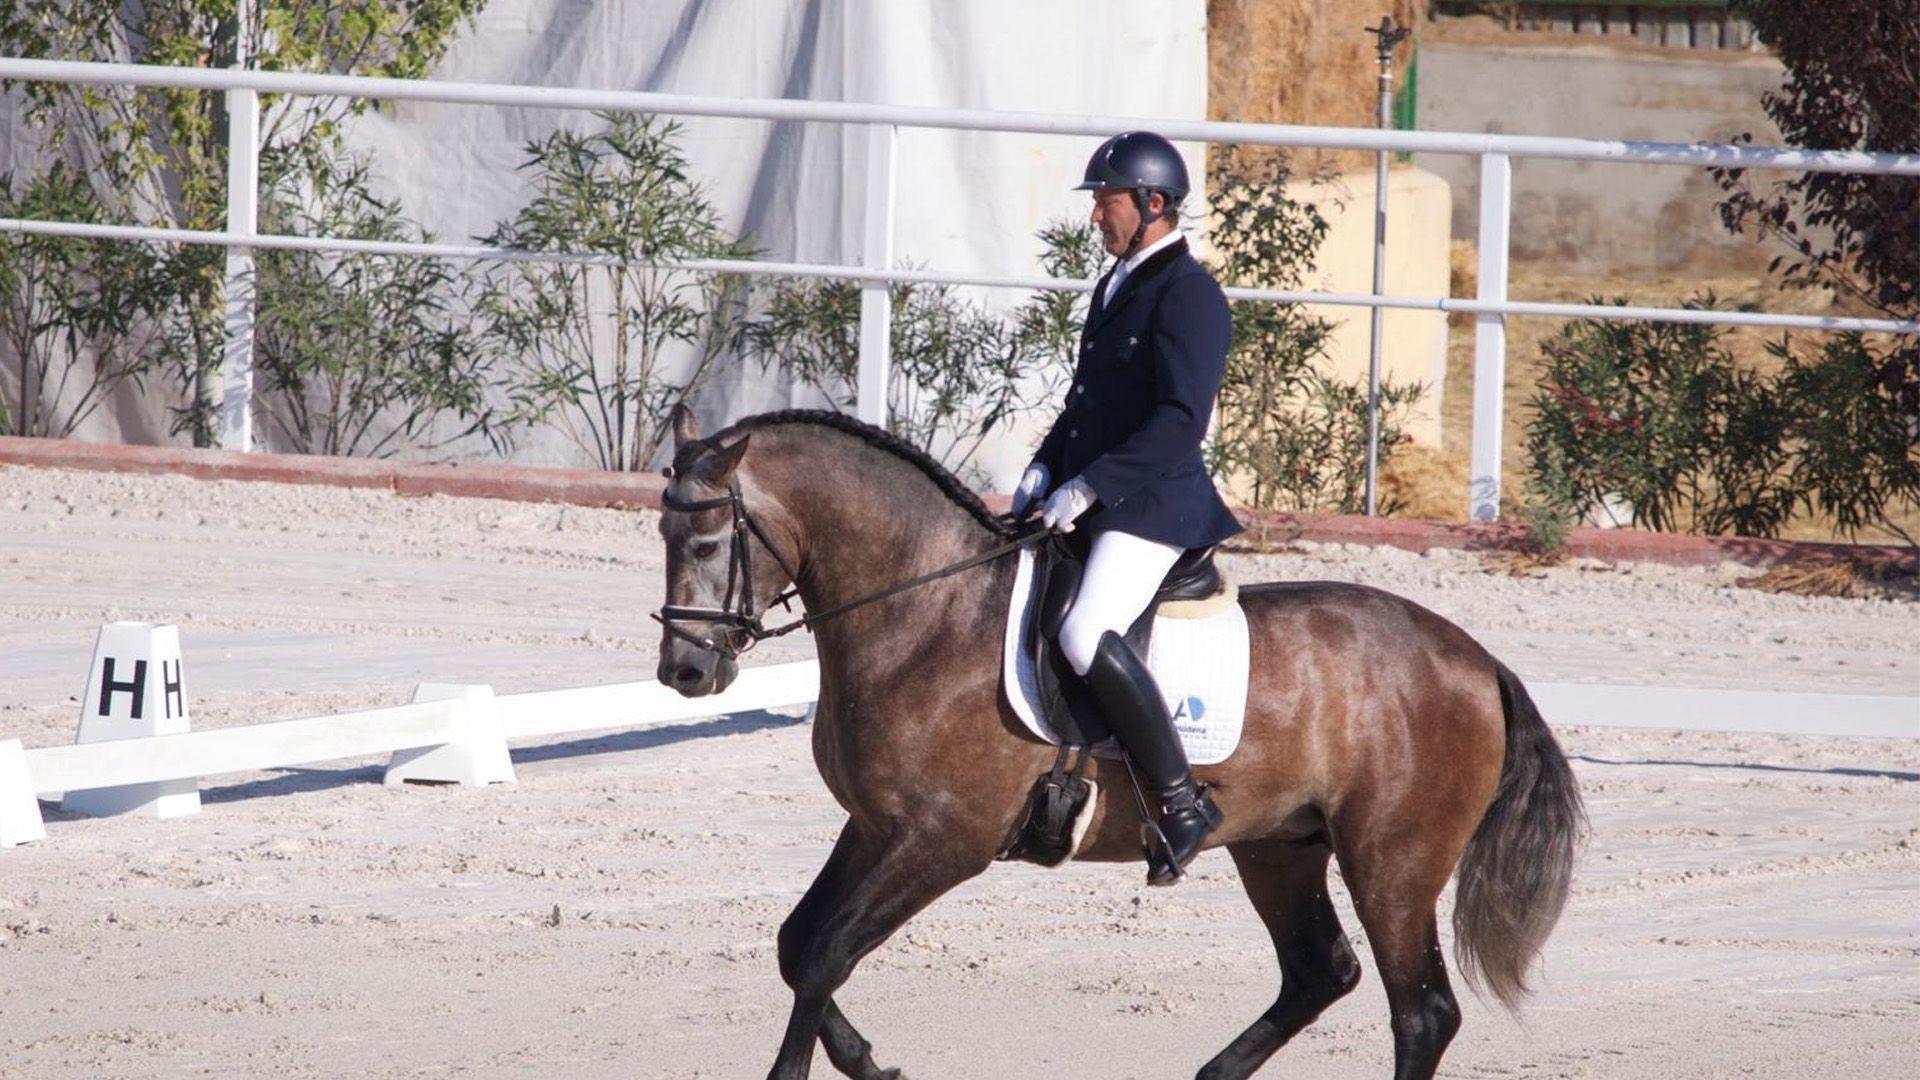 Centro hípico con cursos de equitación en Colmenar Viejo